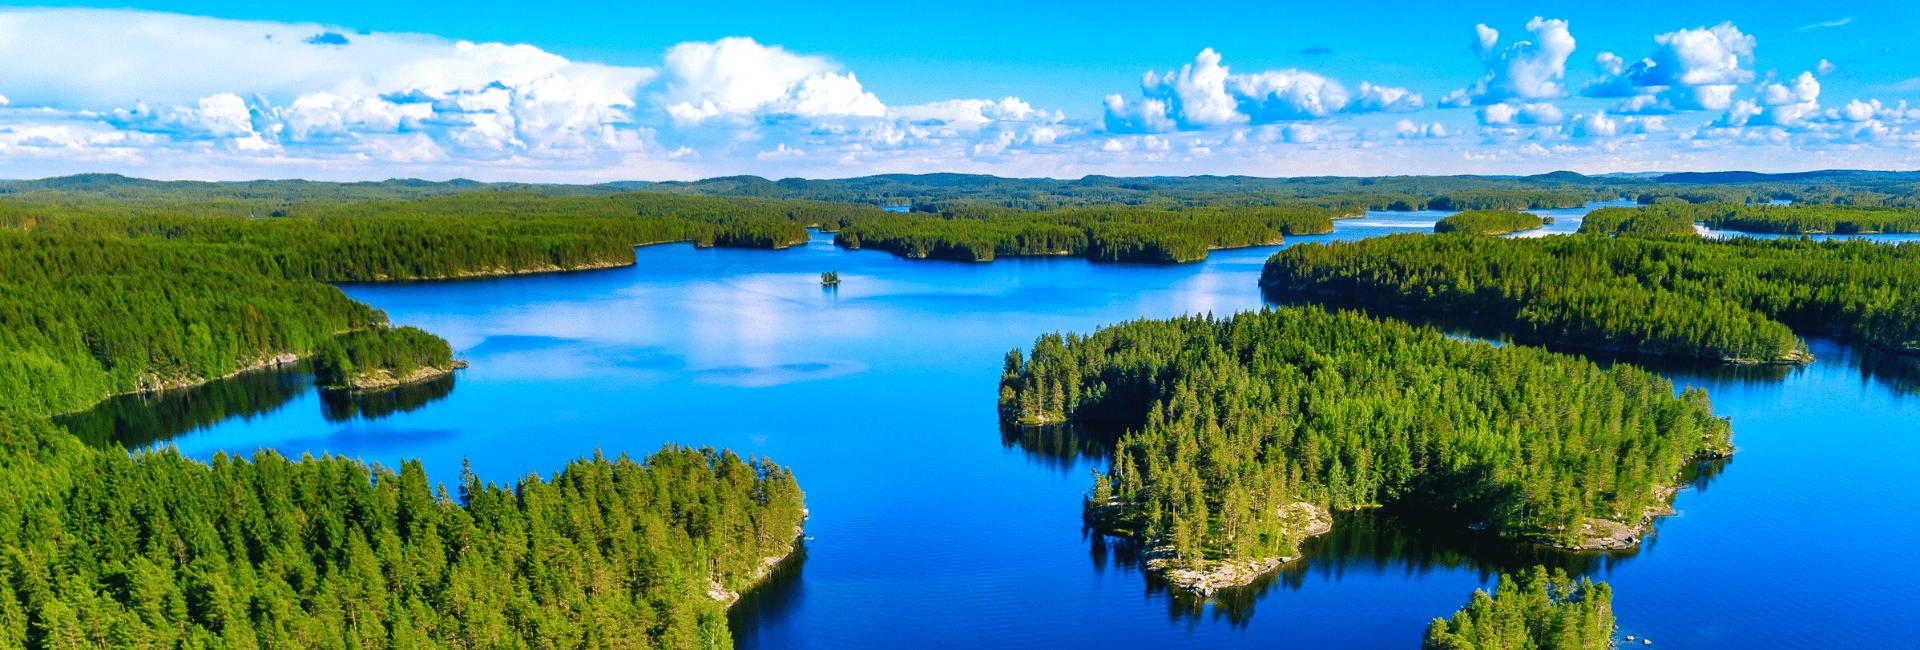 Finland byder på storslået natur og spændende historie på en rundrejse med Risskov Rejser